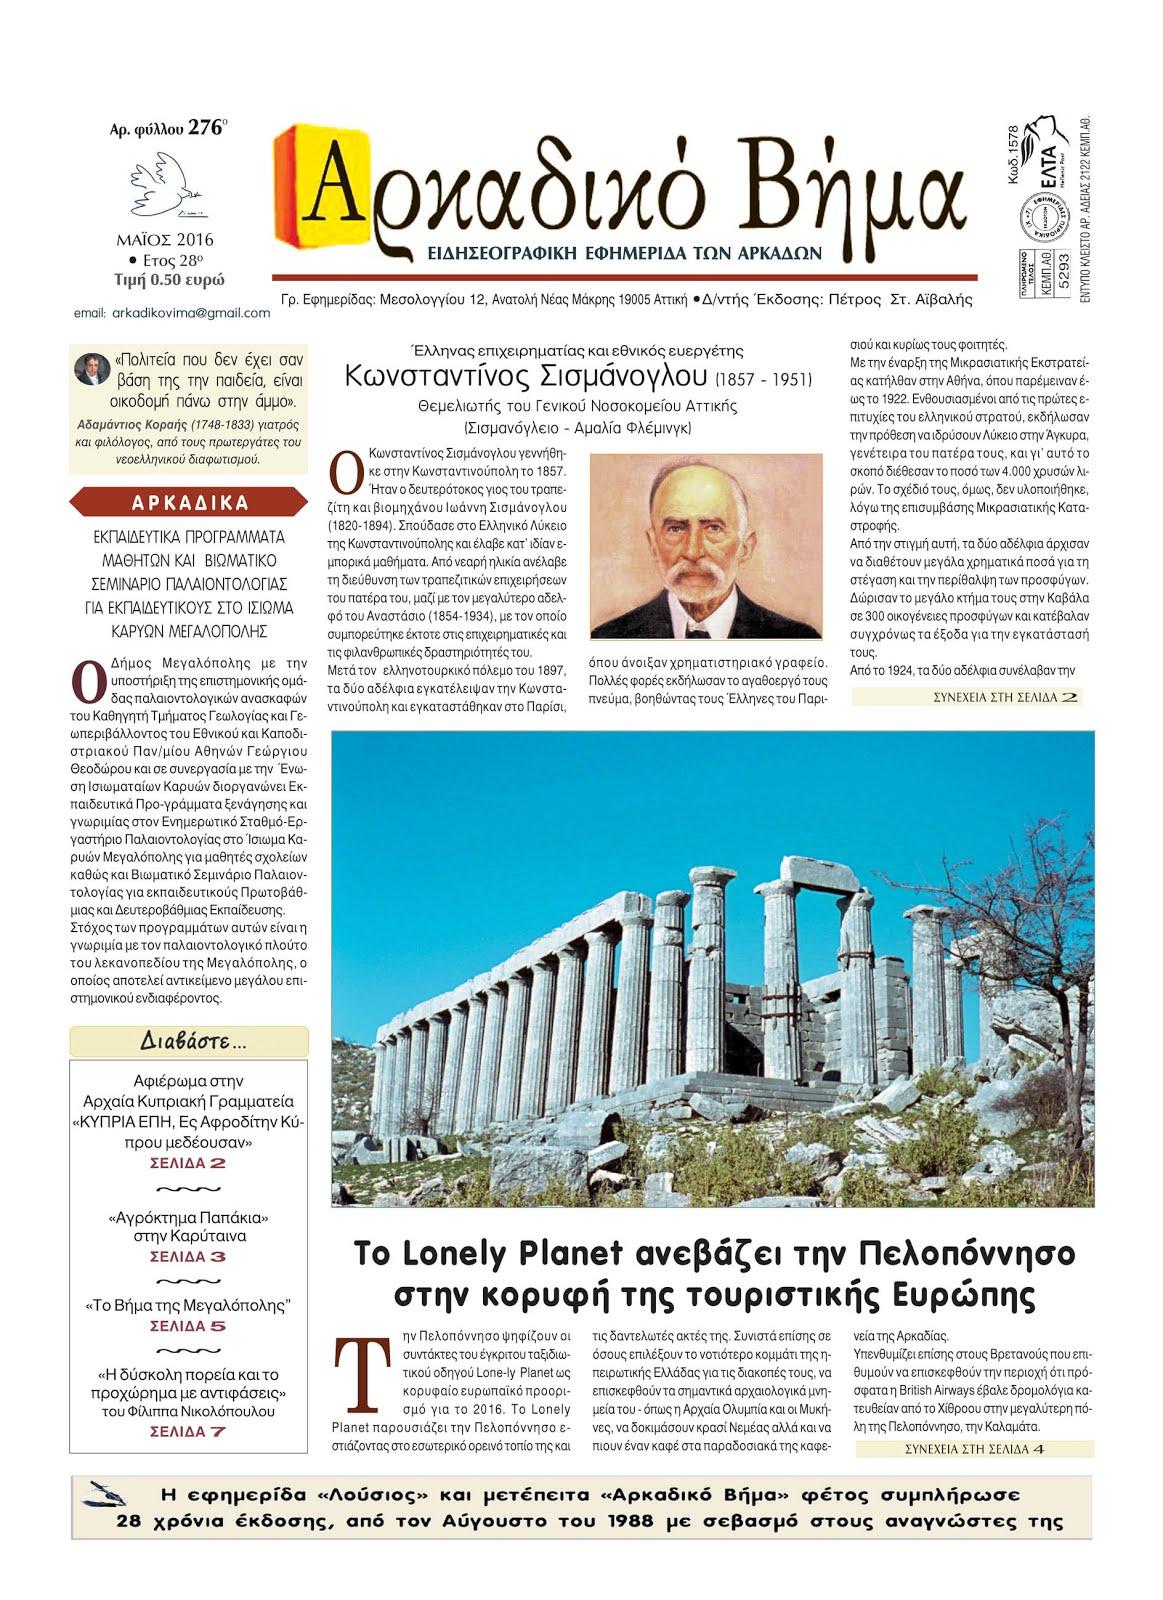 """""""Αρκαδικό Βήμα"""": """"Το Lonely Planet ανεβάζει την Πελοπόννησο στην κορυφή της τουριστικής Ευρώπης"""""""